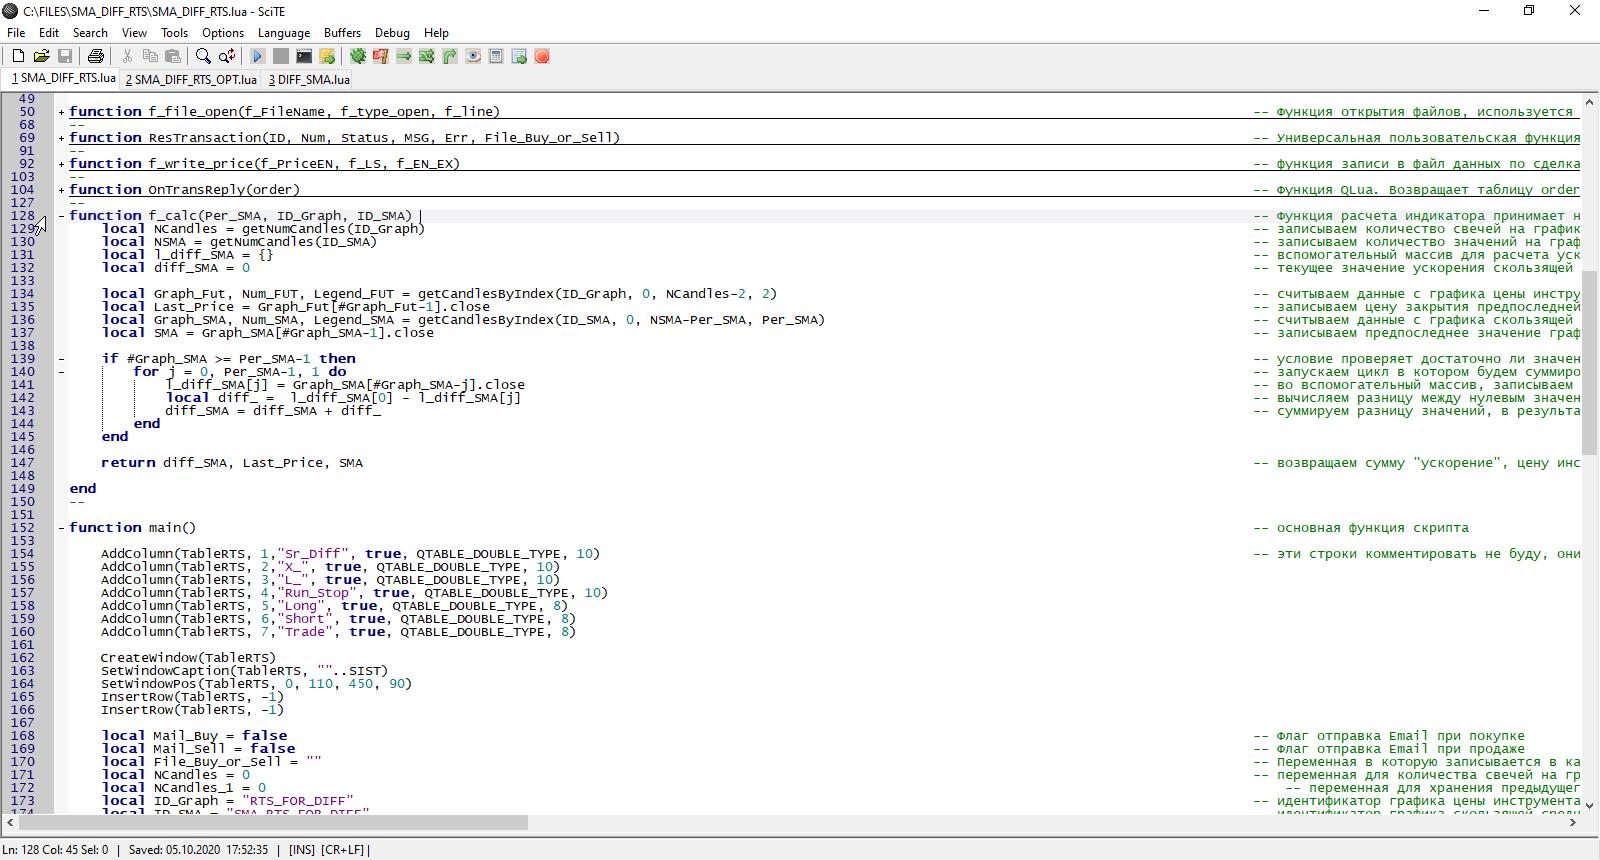 QUIK LUA функция расчета ускорения скользящей средней и записи данных